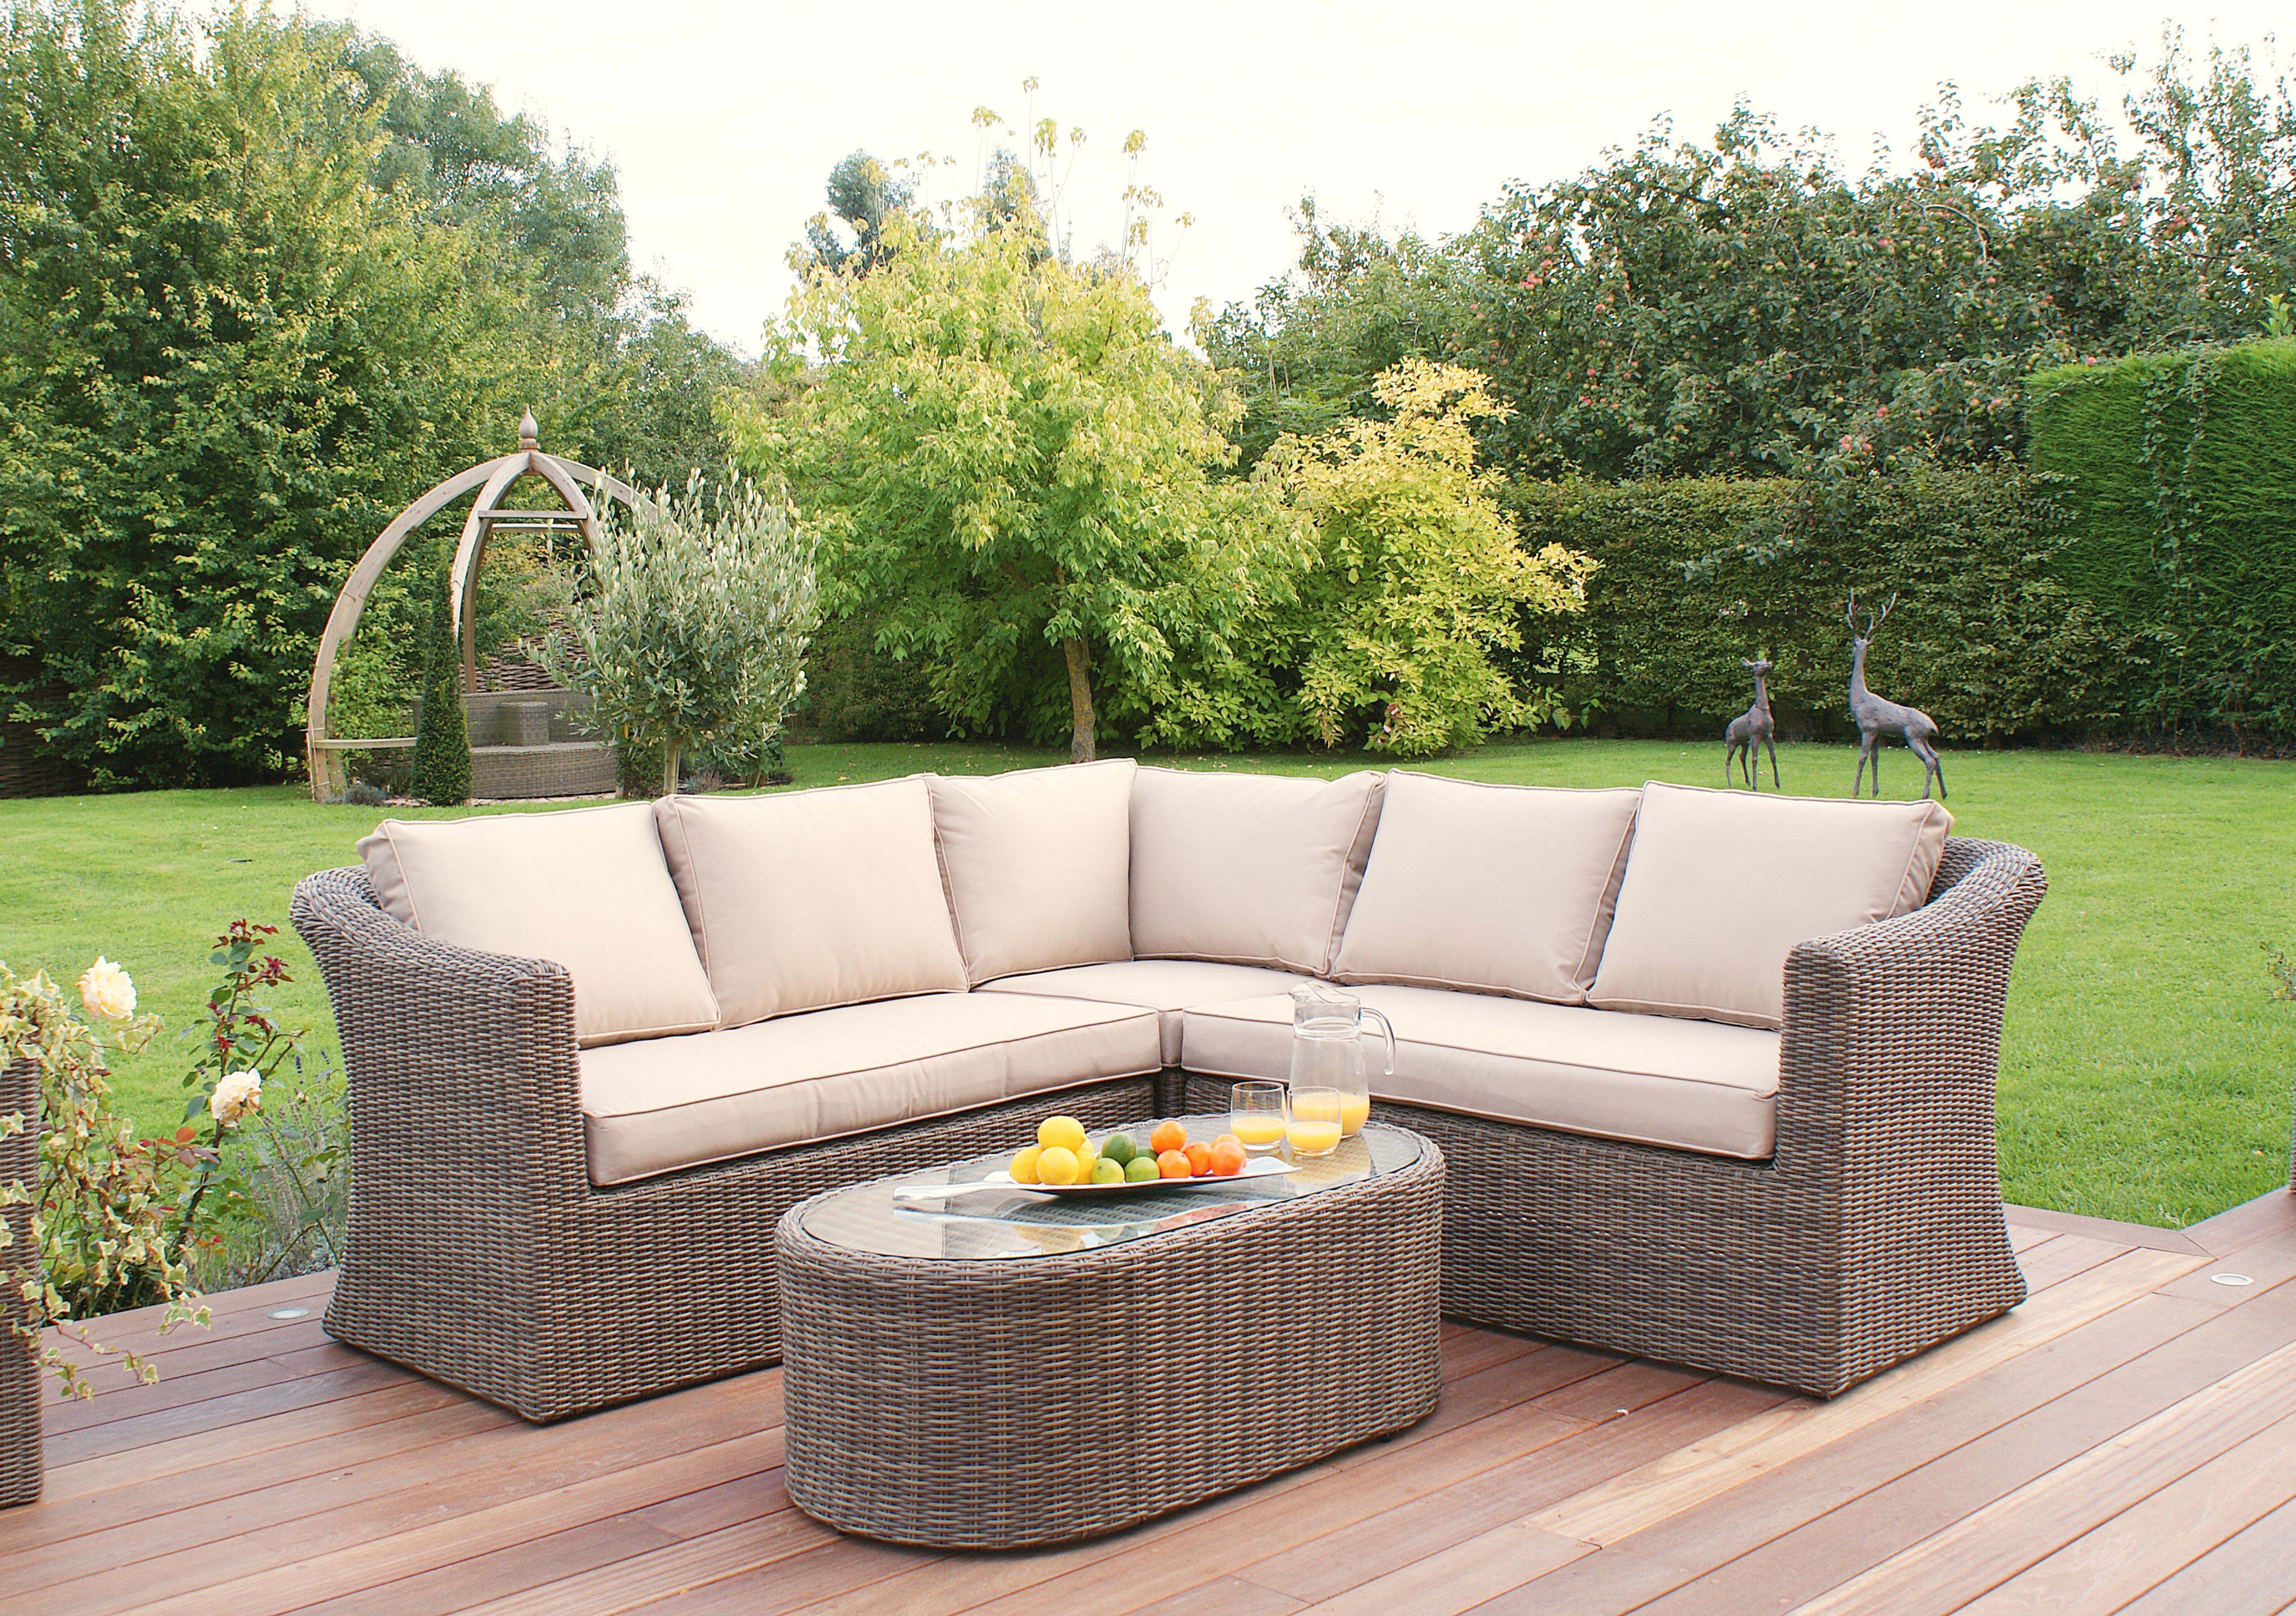 designs garden furniture village - Furniture Village Garden Furniture